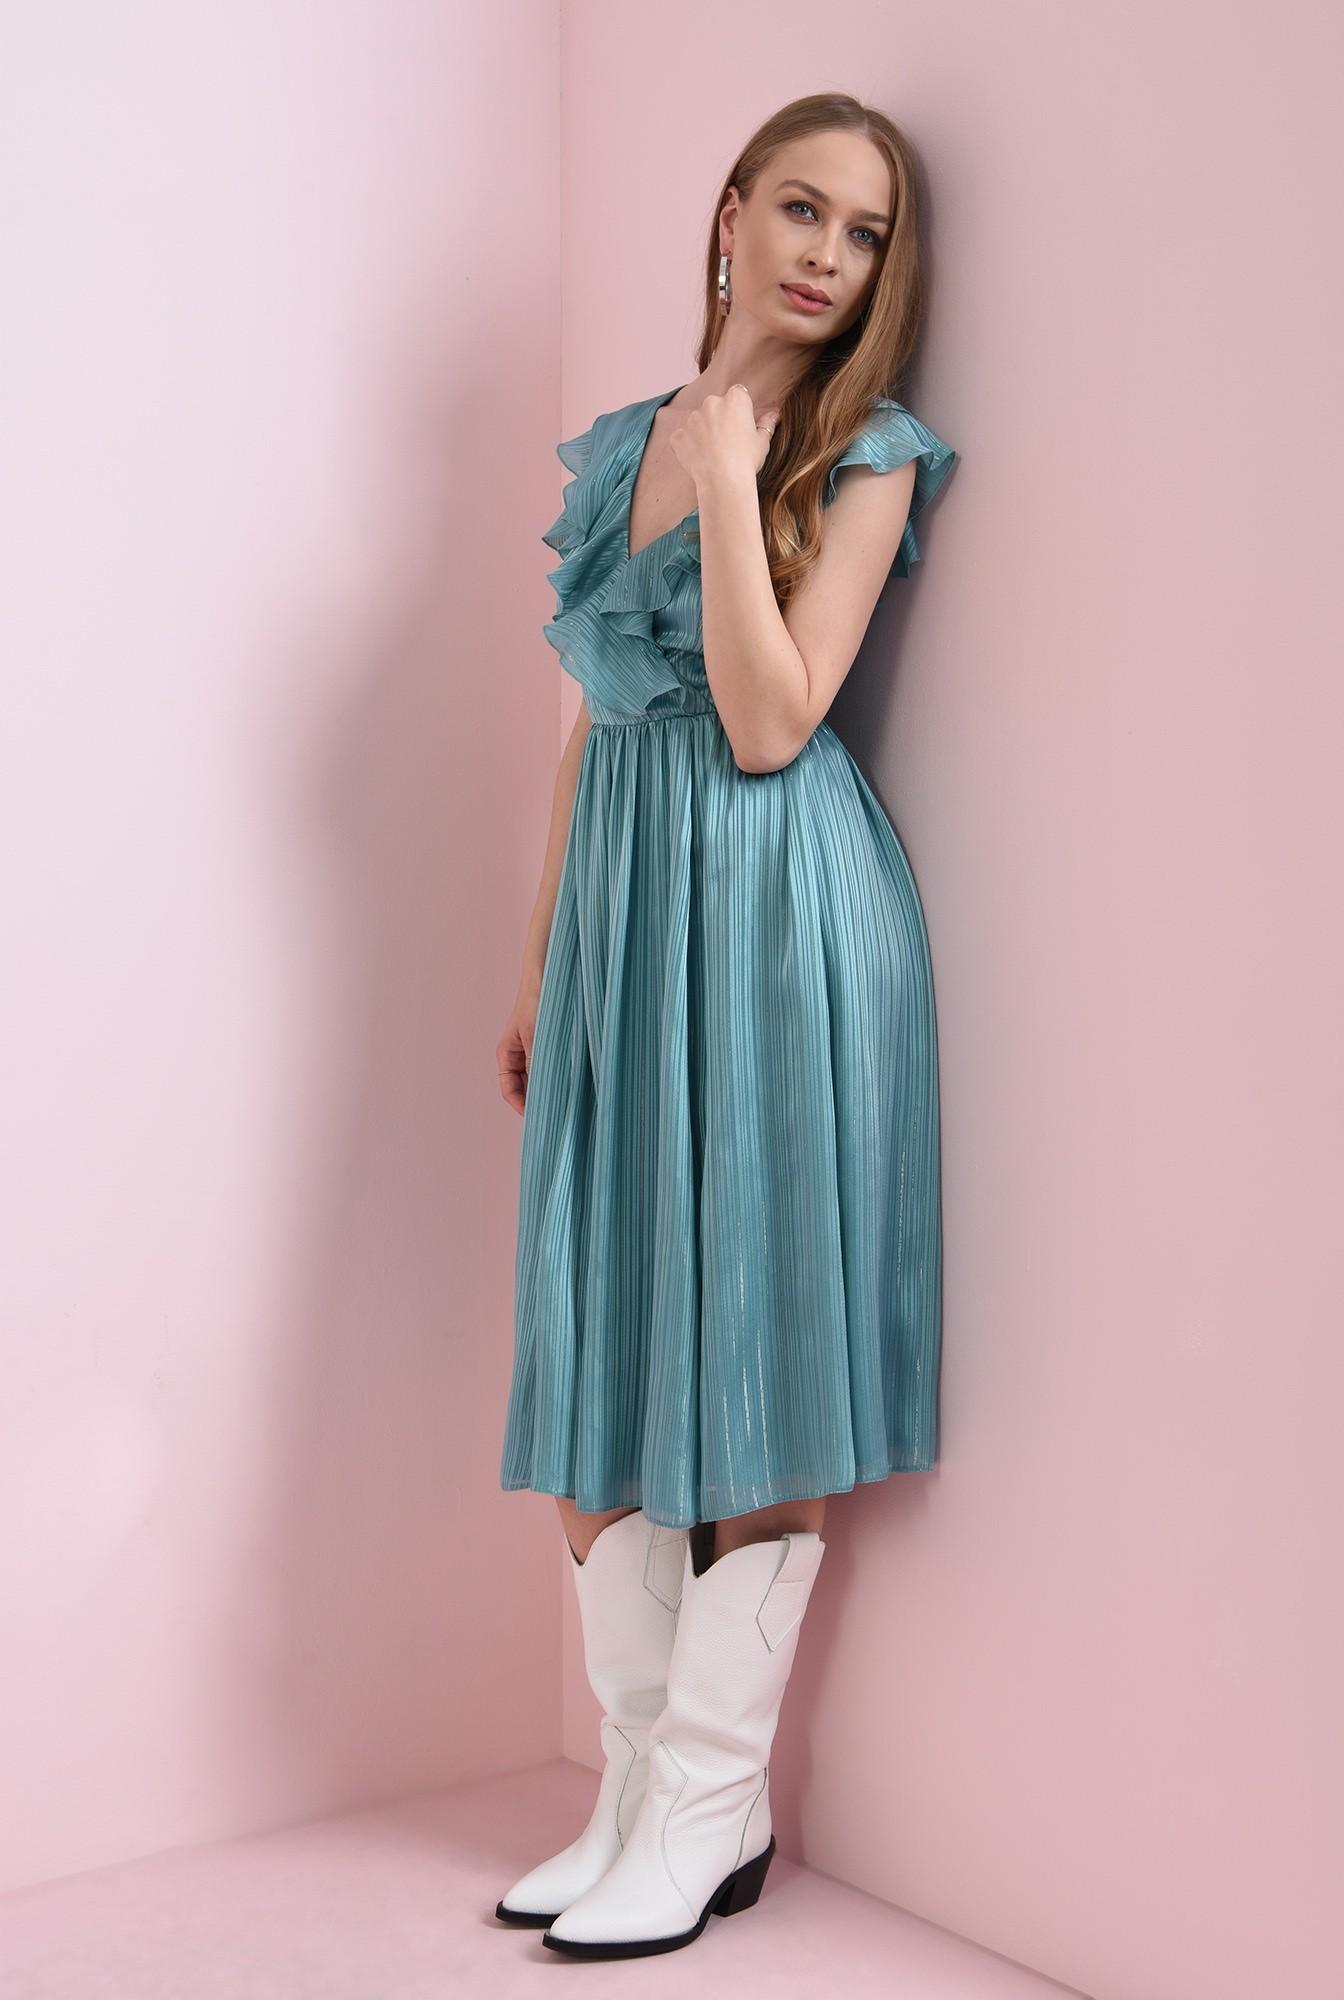 0 - rochie turcoaz, cu volanela bust